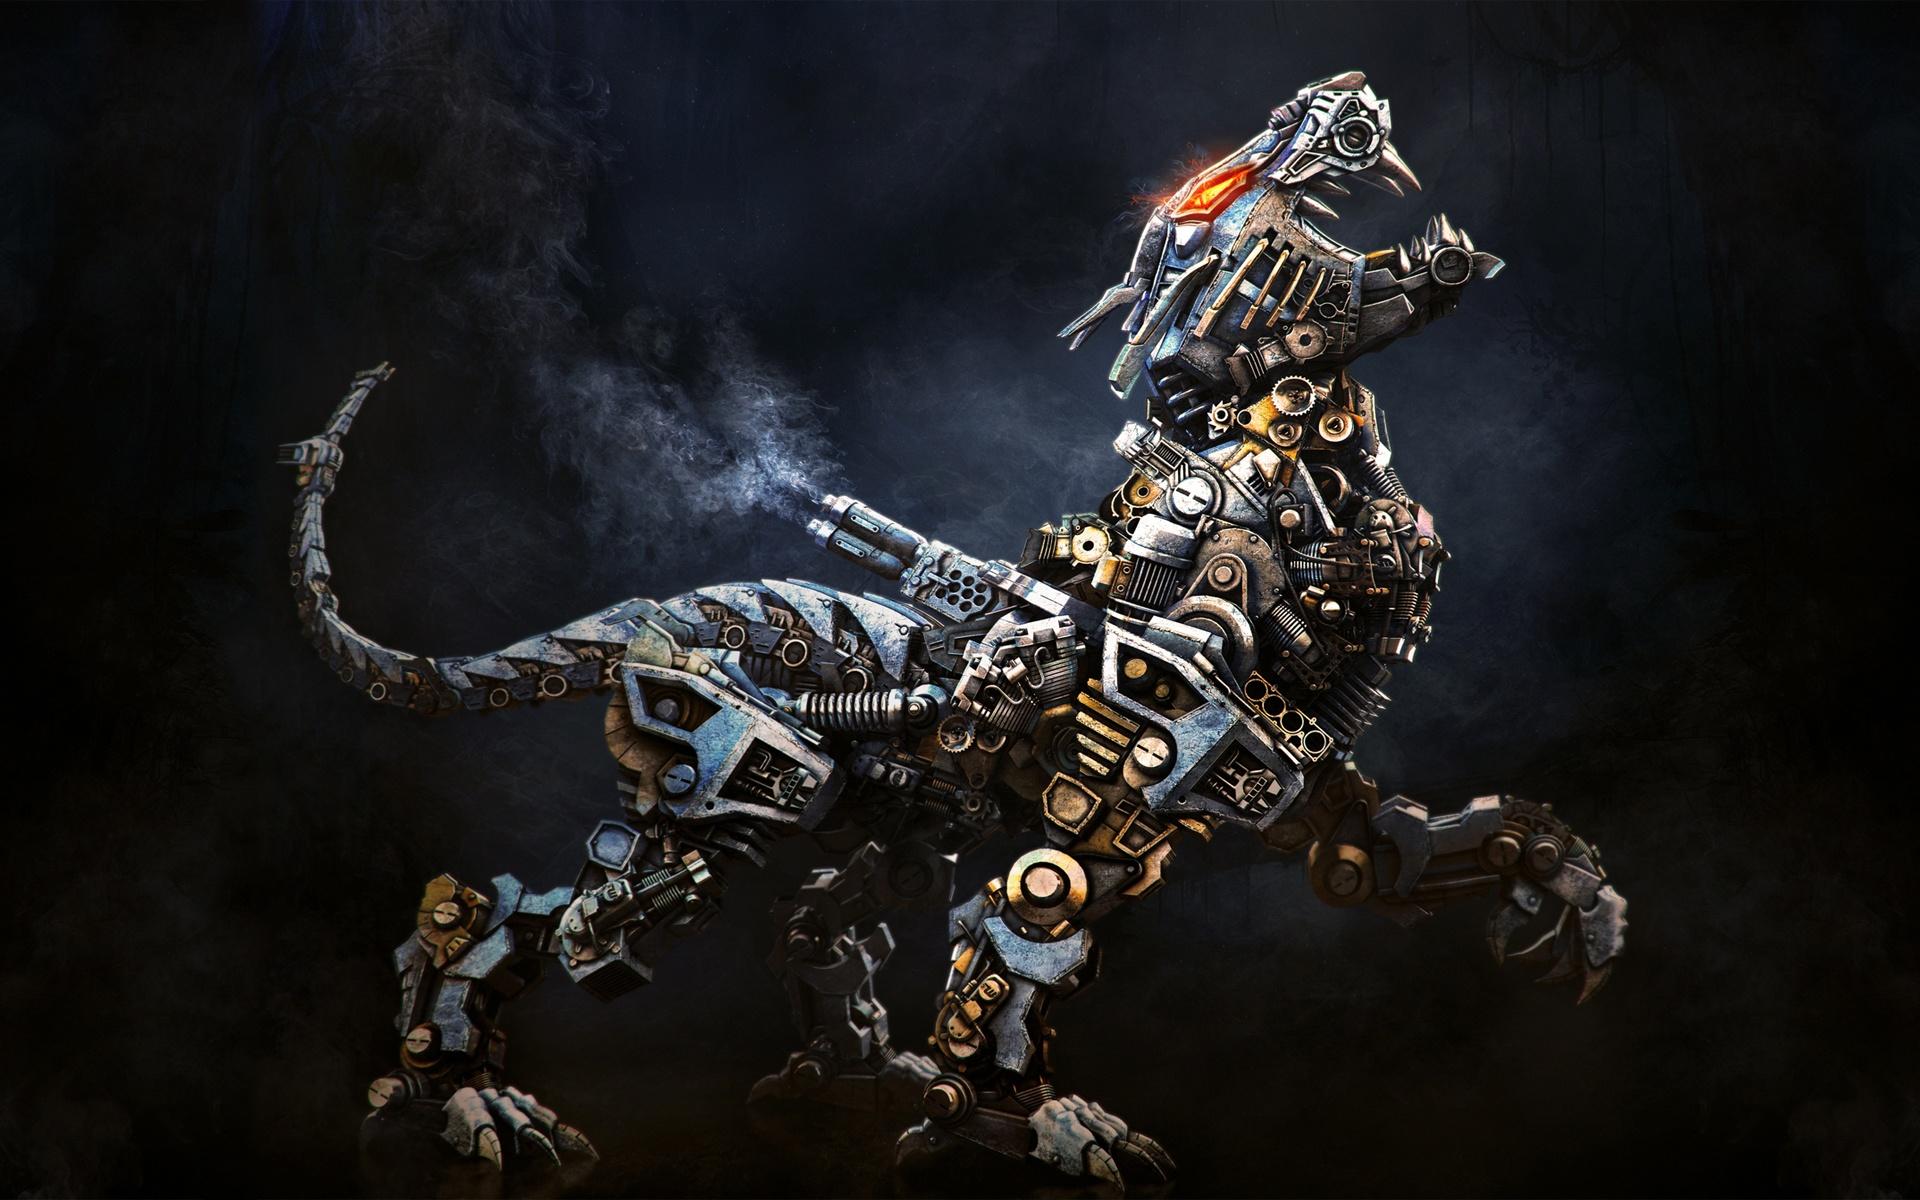 Kreative Bilder Roboter Tier Hintergrundbilder